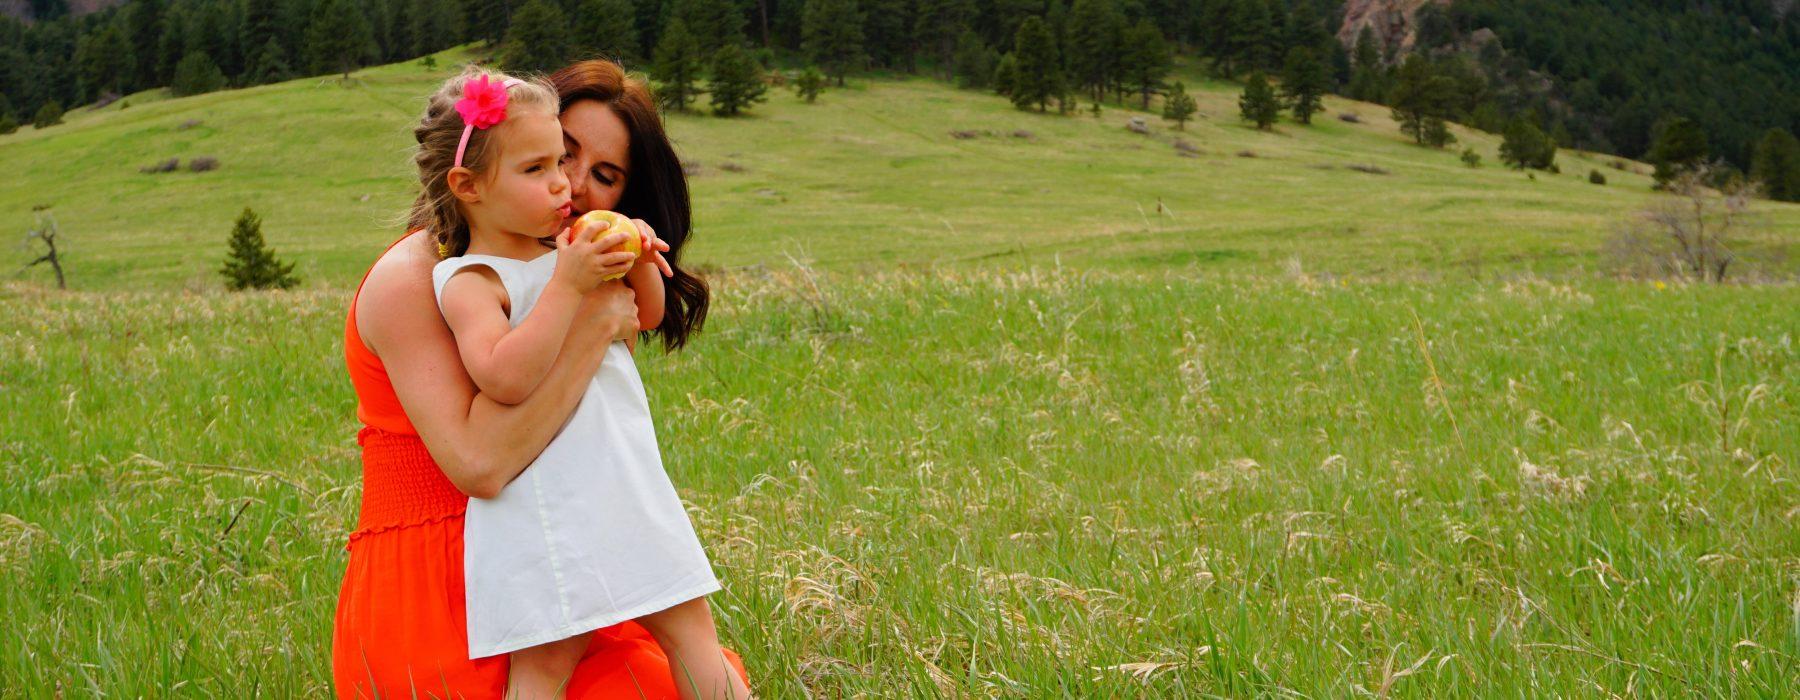 jak schudnąć bez diety